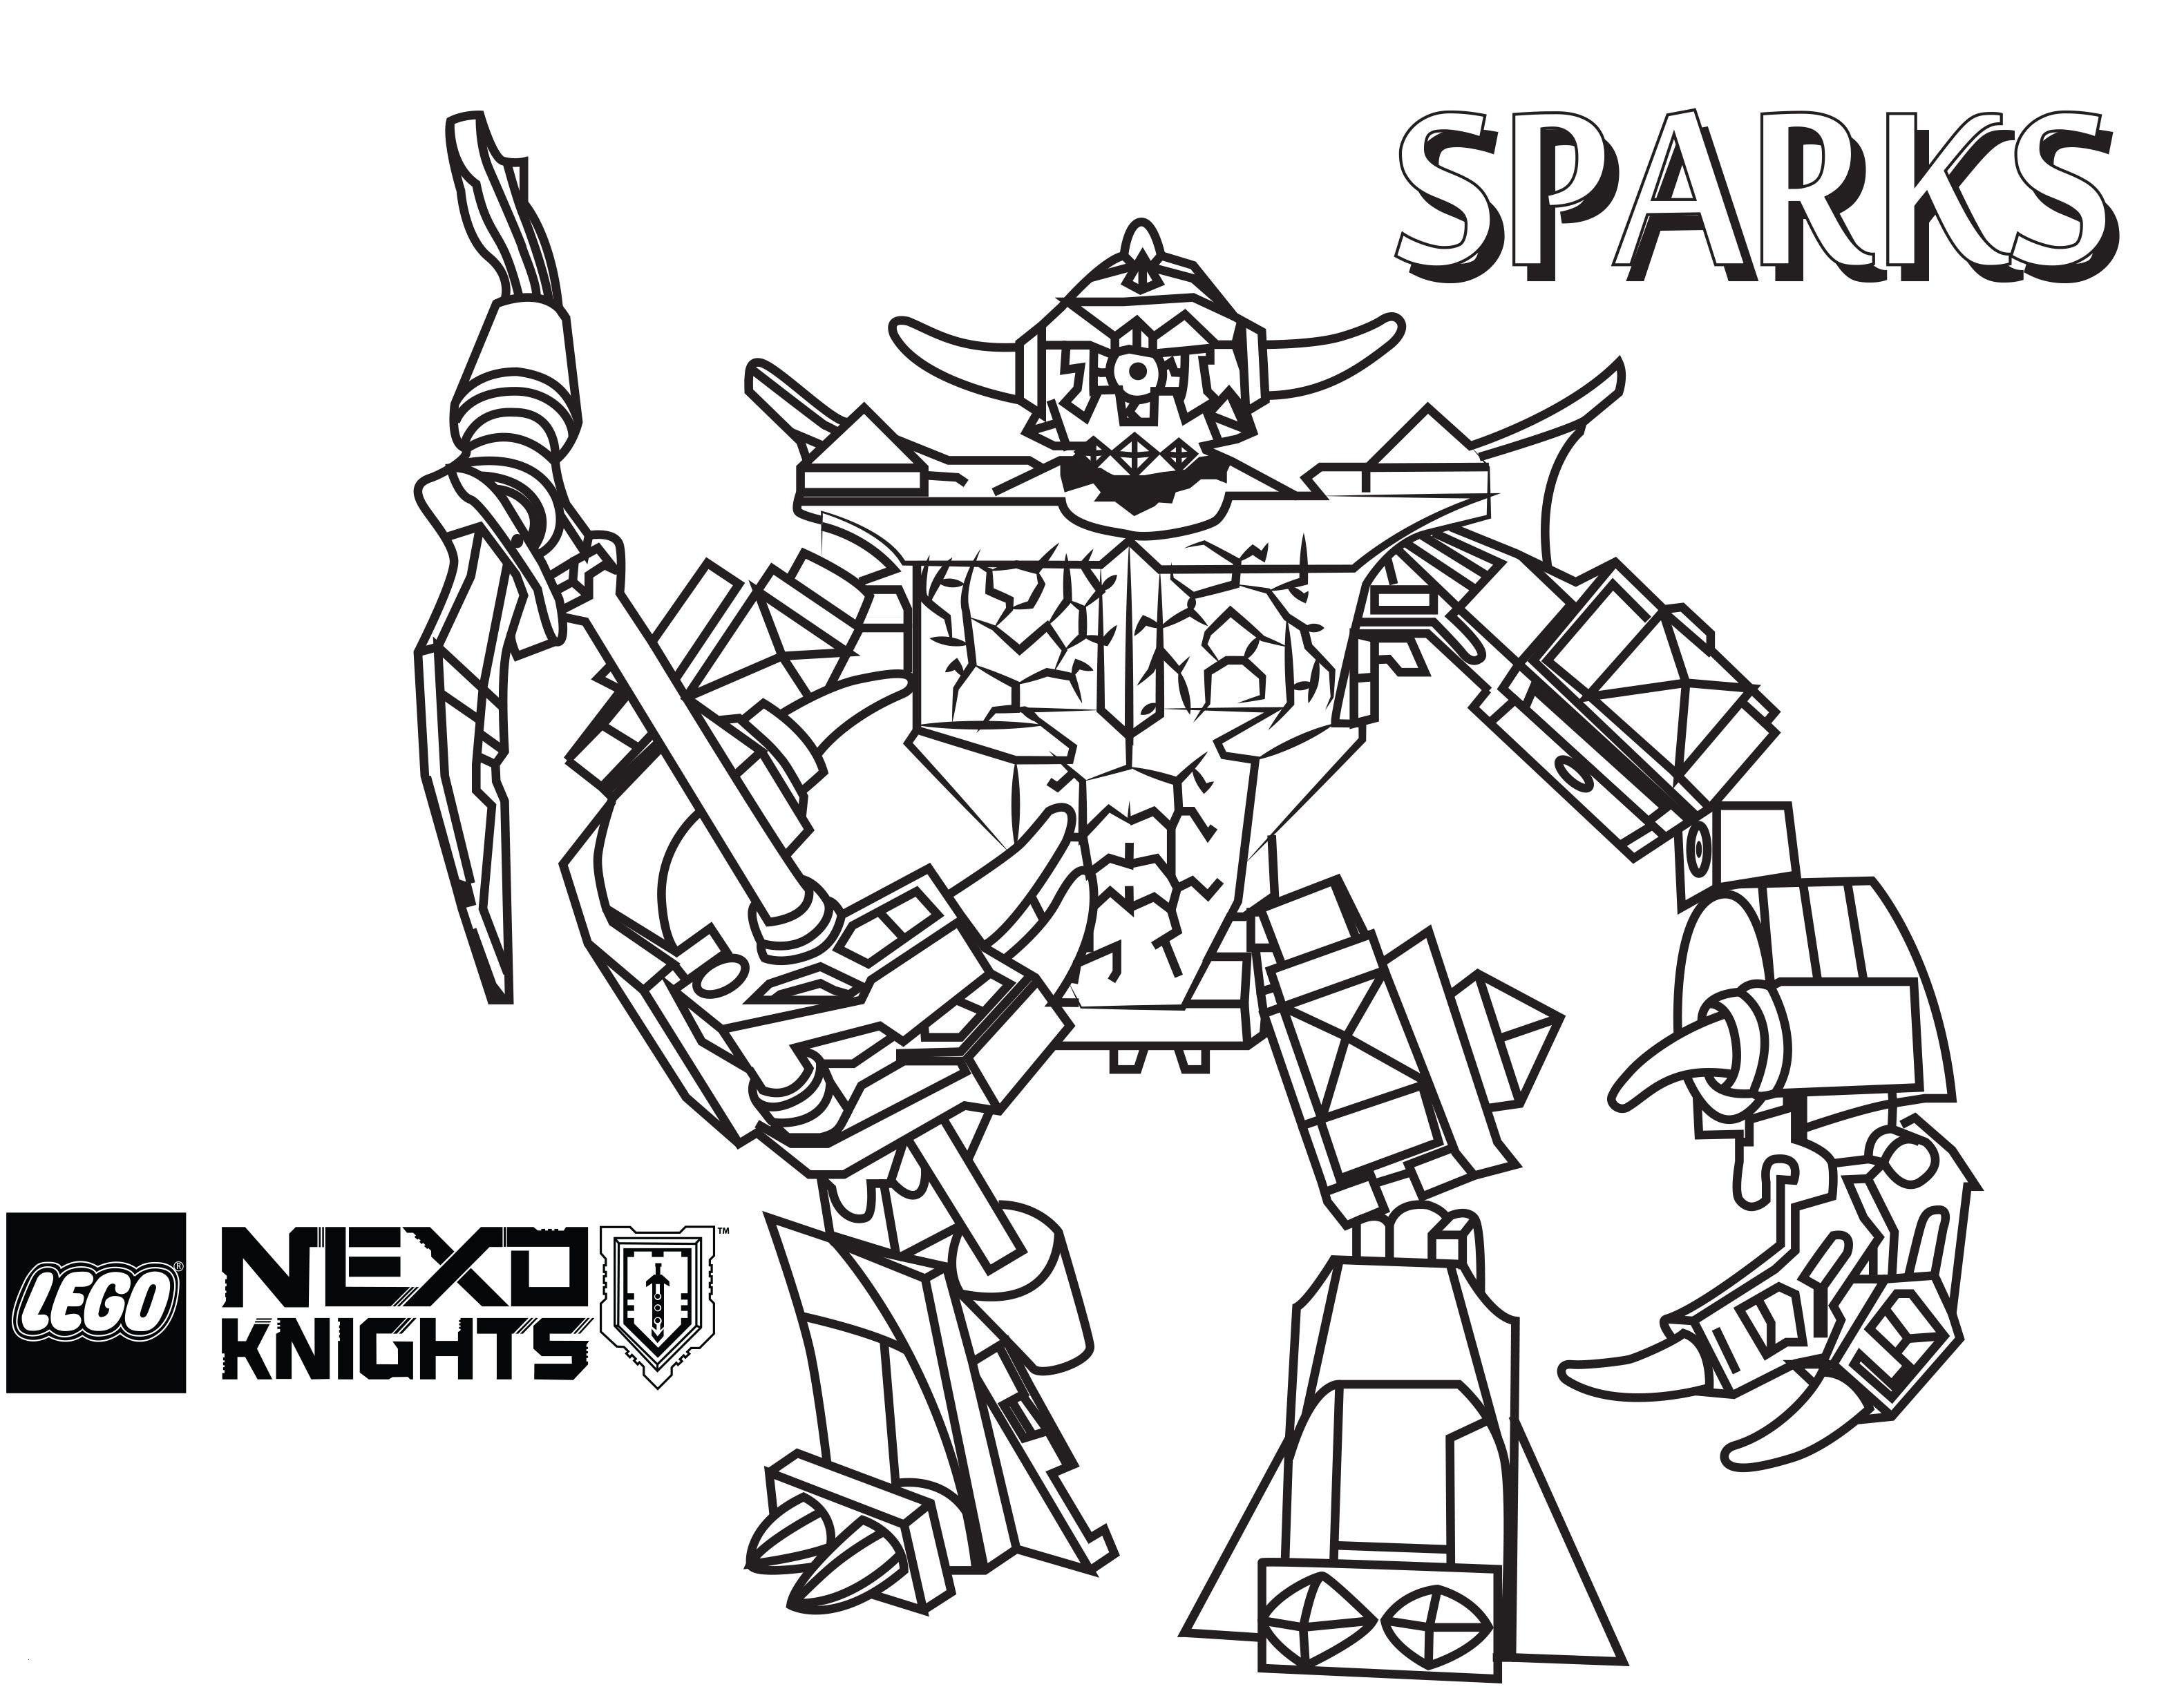 Nexo Knights Schilder Liste Frisch Lego Nexo Knights Power Axl Foul Steam Spyrius Best Nexo Knights Fotografieren